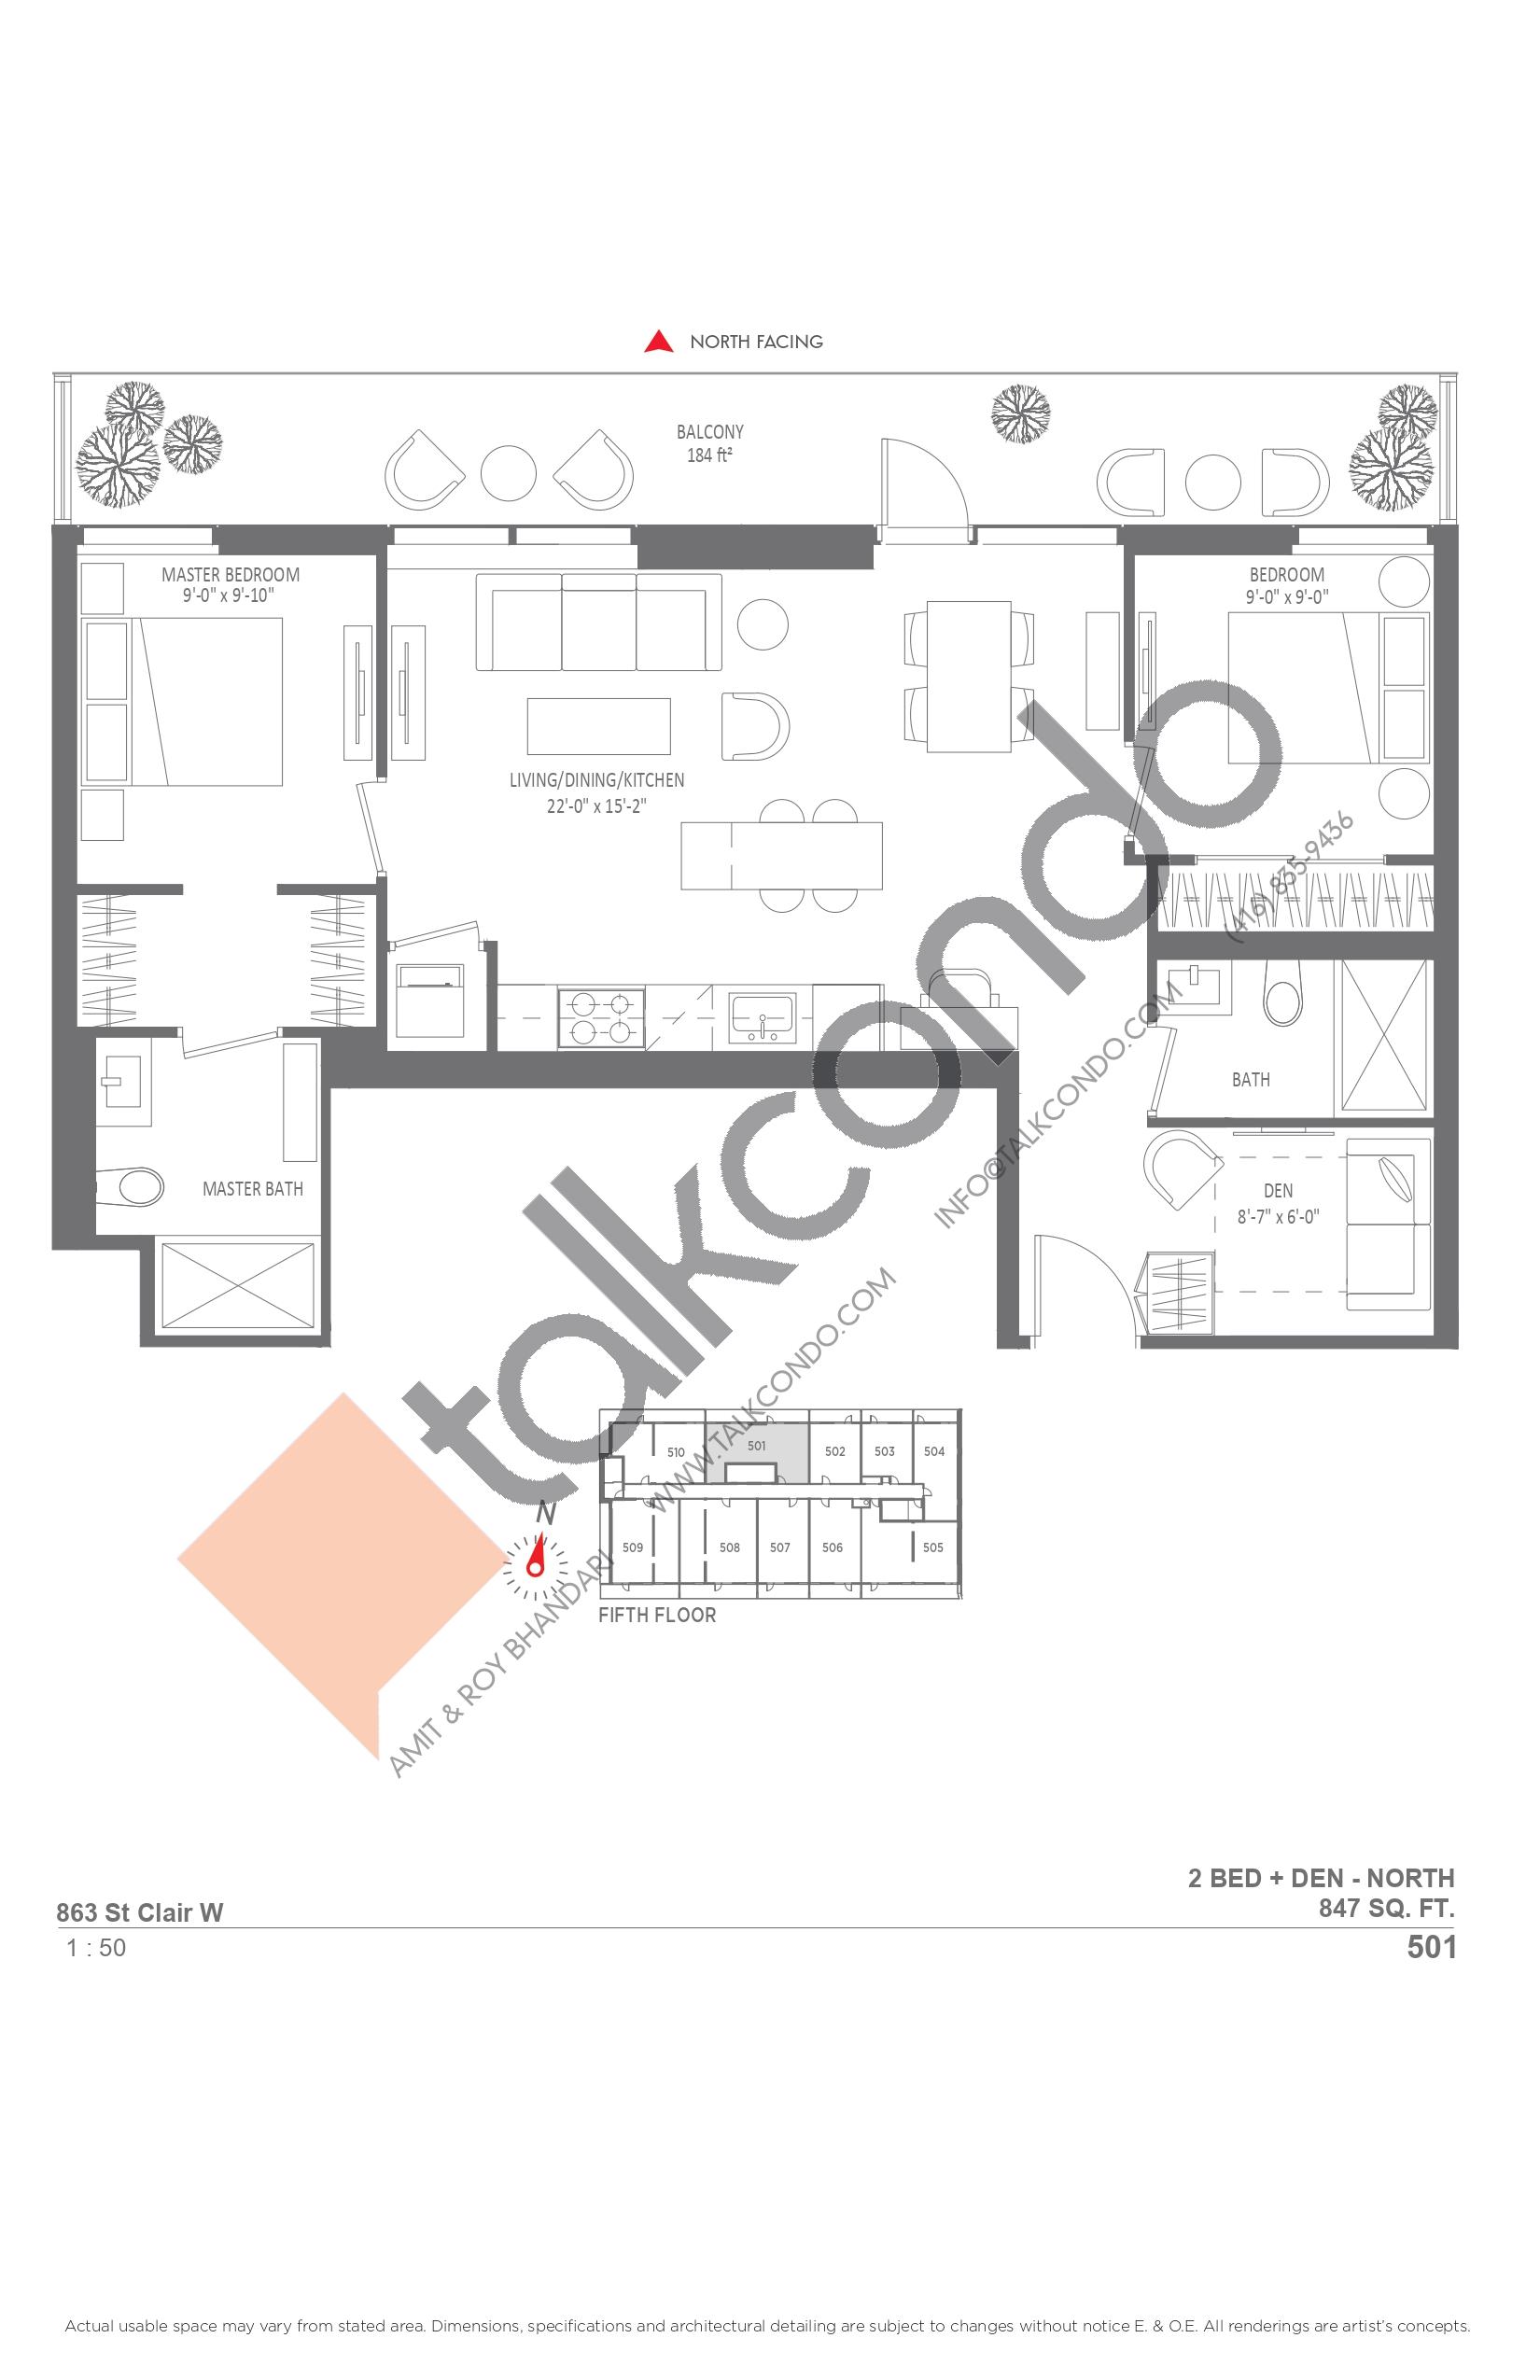 501 Floor Plan at Monza Condos - 847 sq.ft